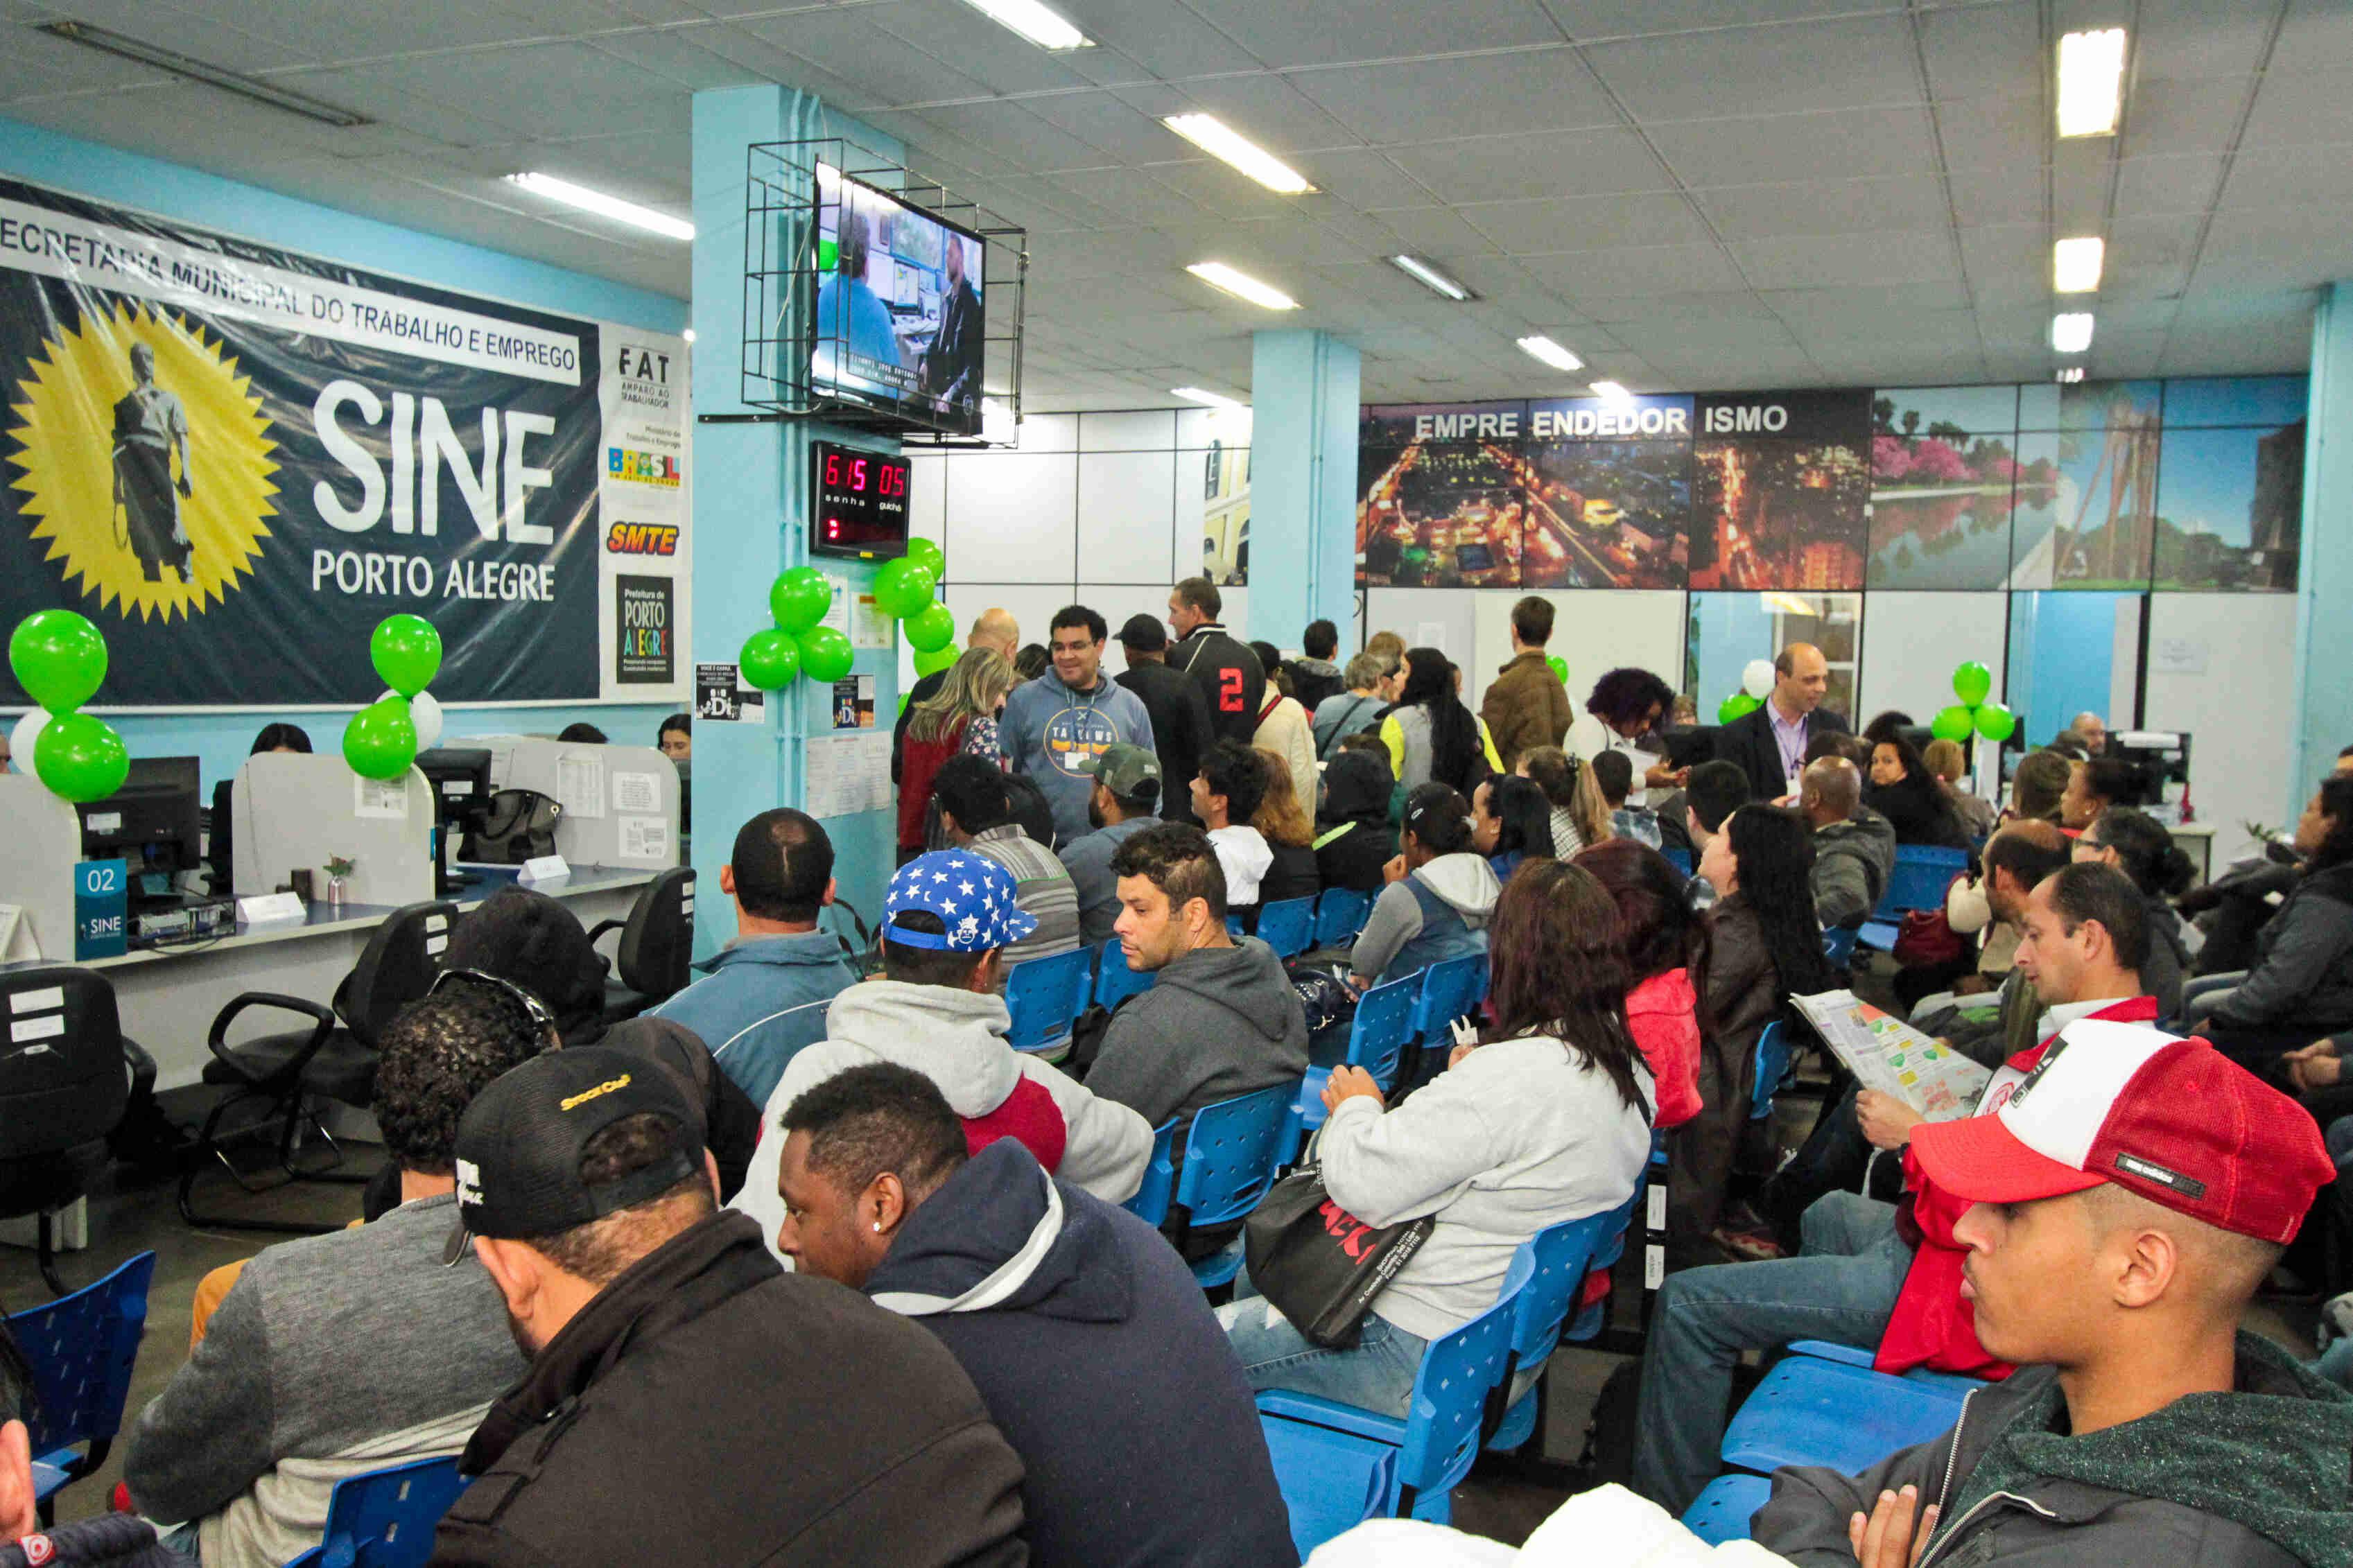 Sine de Porto Alegre oferece 385 vagas para pessoas com deficiência - Radio  Guaíba 832ec6ec380e2